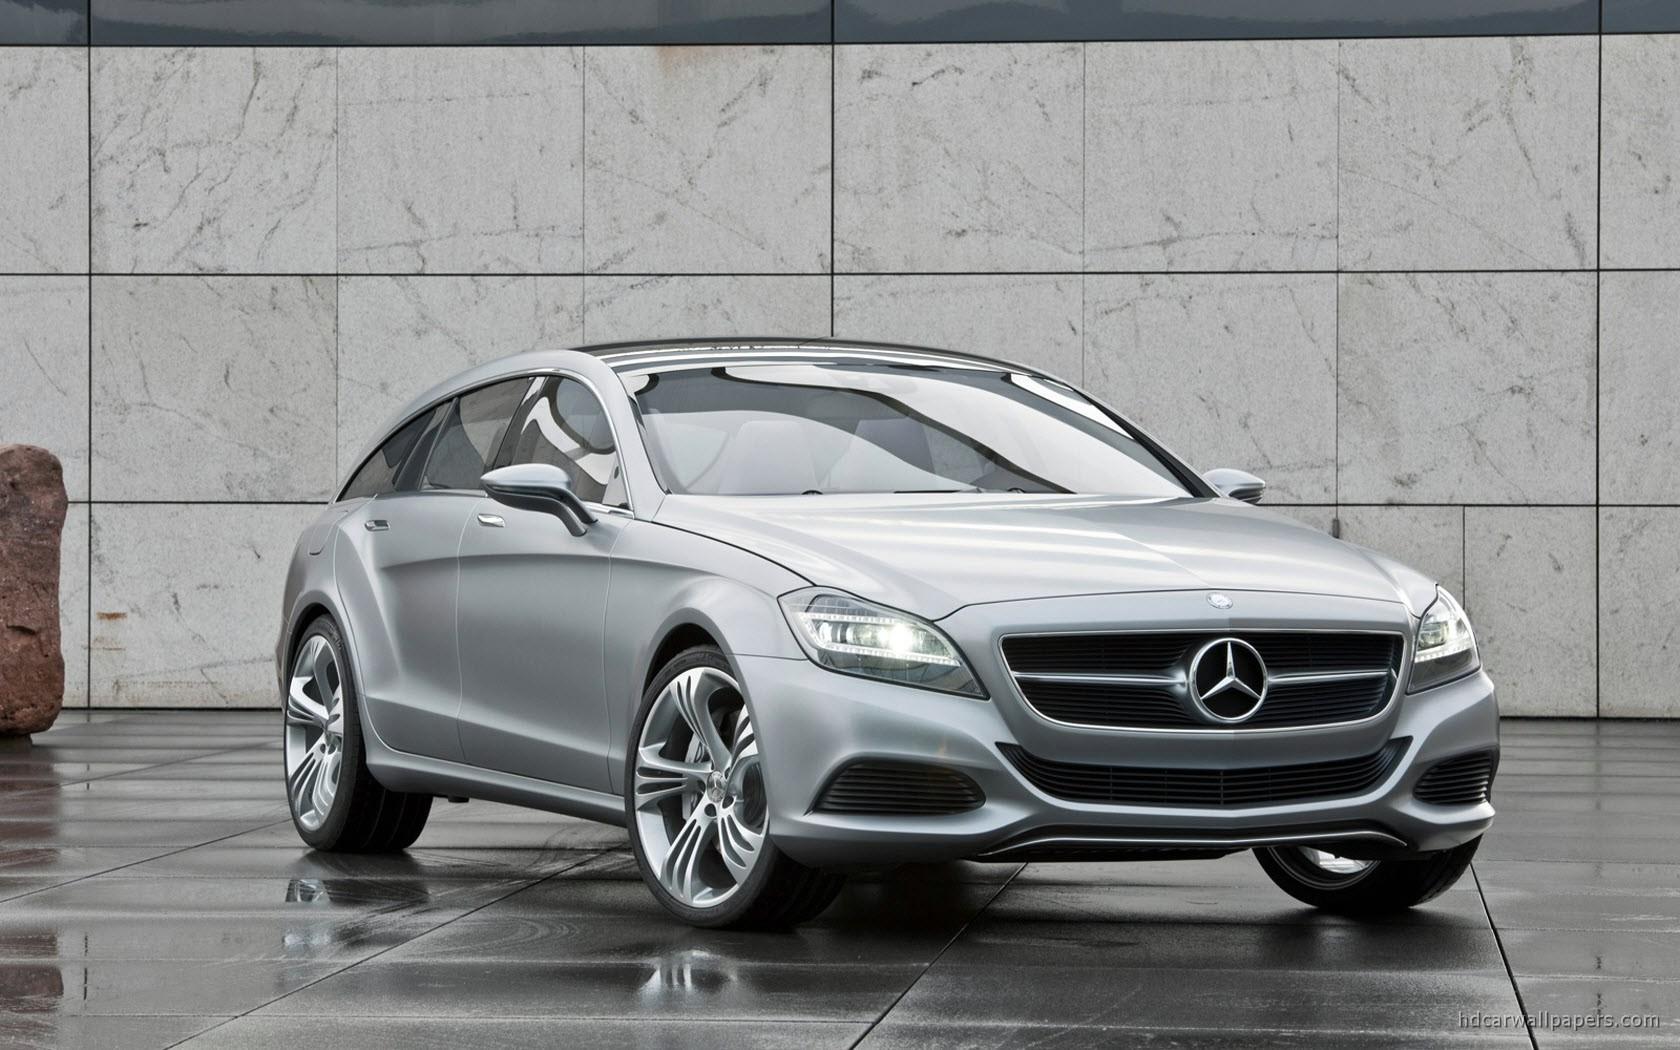 Mercedes Benz CLS 2012 Wallpaper | HD Car Wallpapers | ID ...